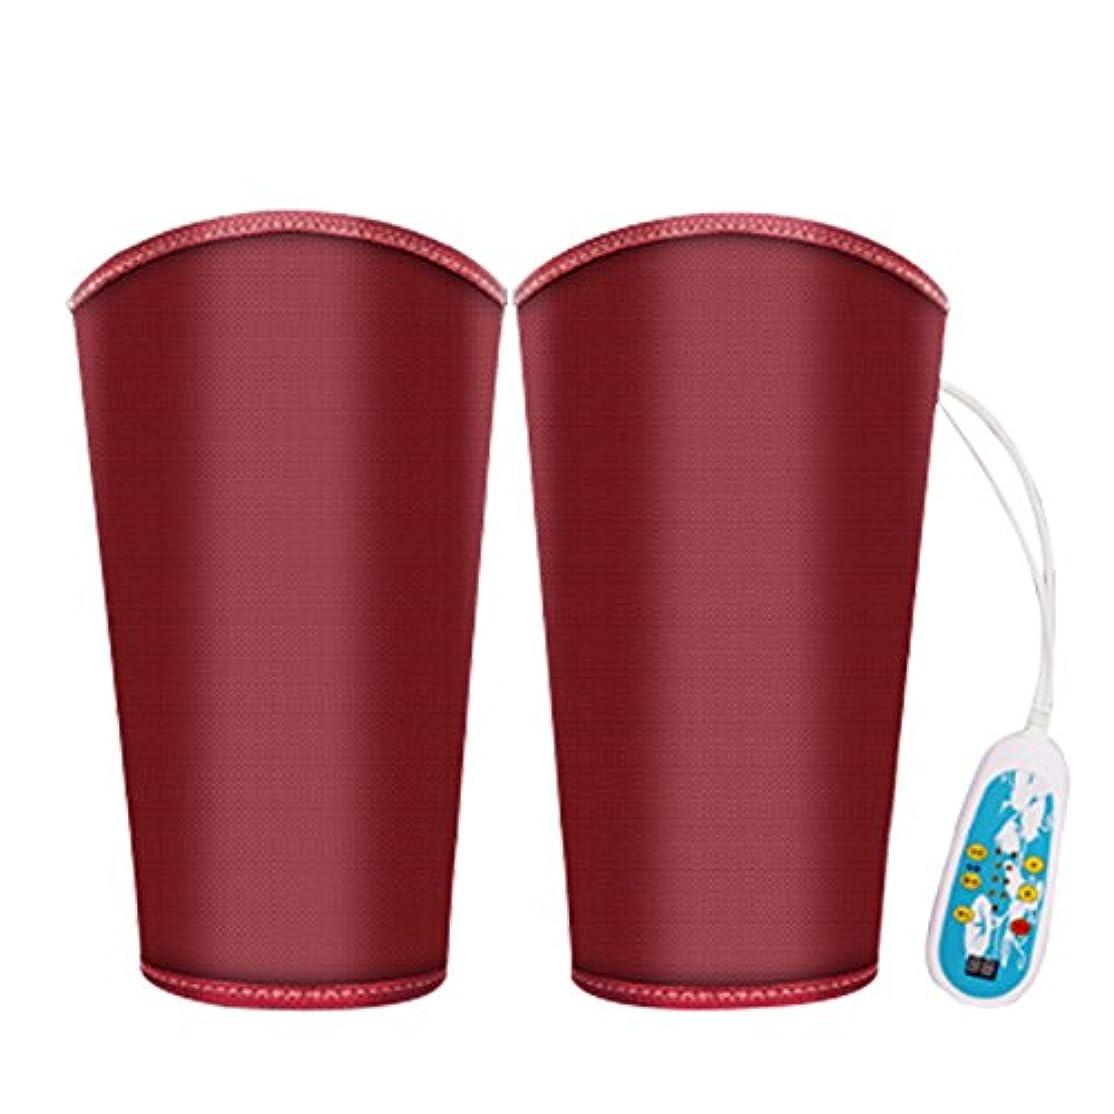 広いシェアしたい電気マッサージ、膝の保温、男女通用、マッサージ機、膝と足を加熱してマッサージします